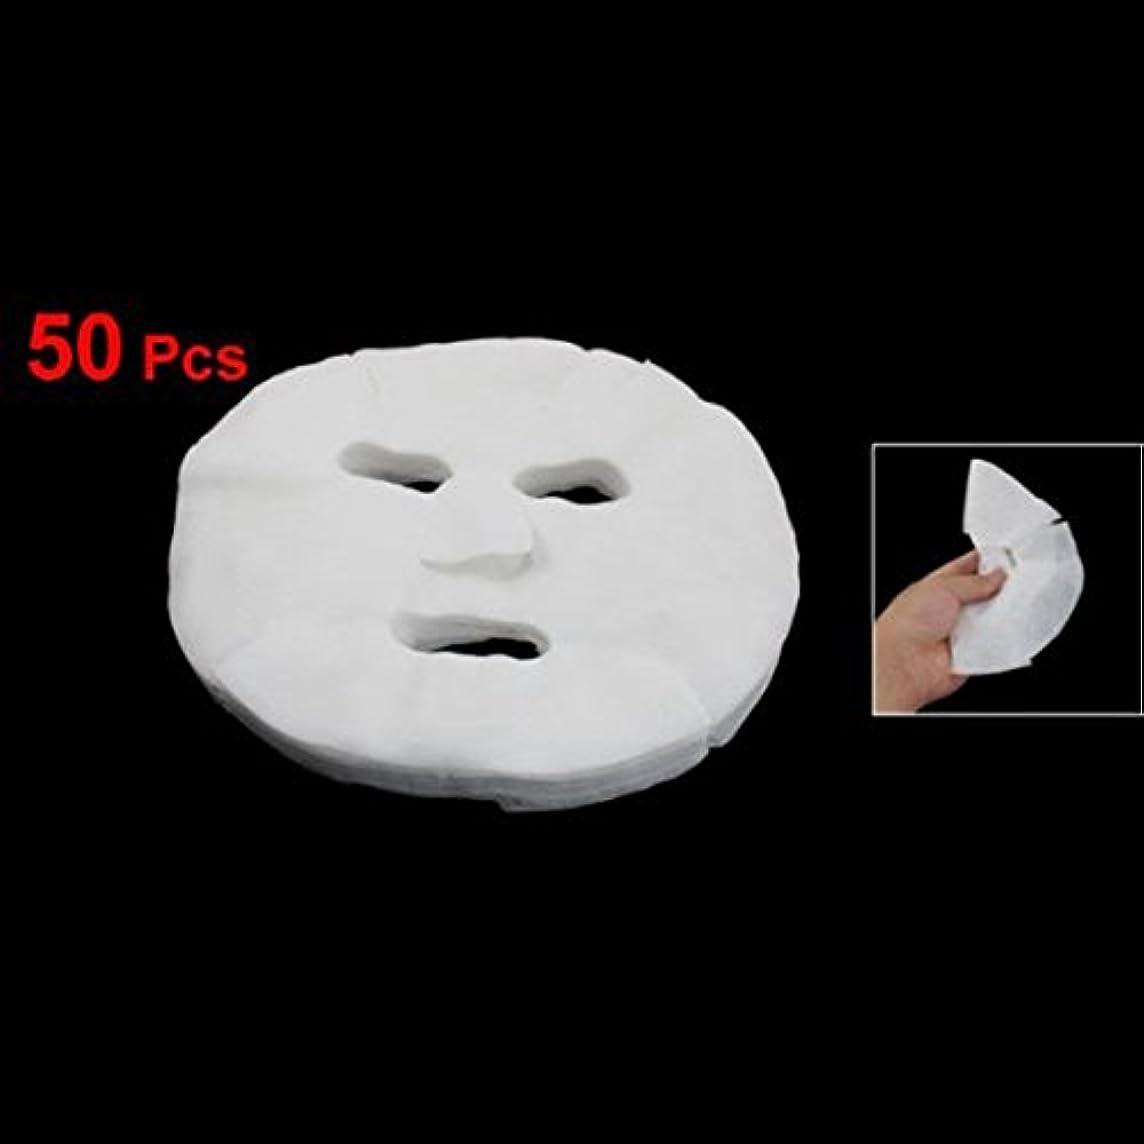 ブランド名情緒的相対サイズRETYLY RETYLY(R)50pcs女性の化粧品拡大コットンフェイシャルマスクシート